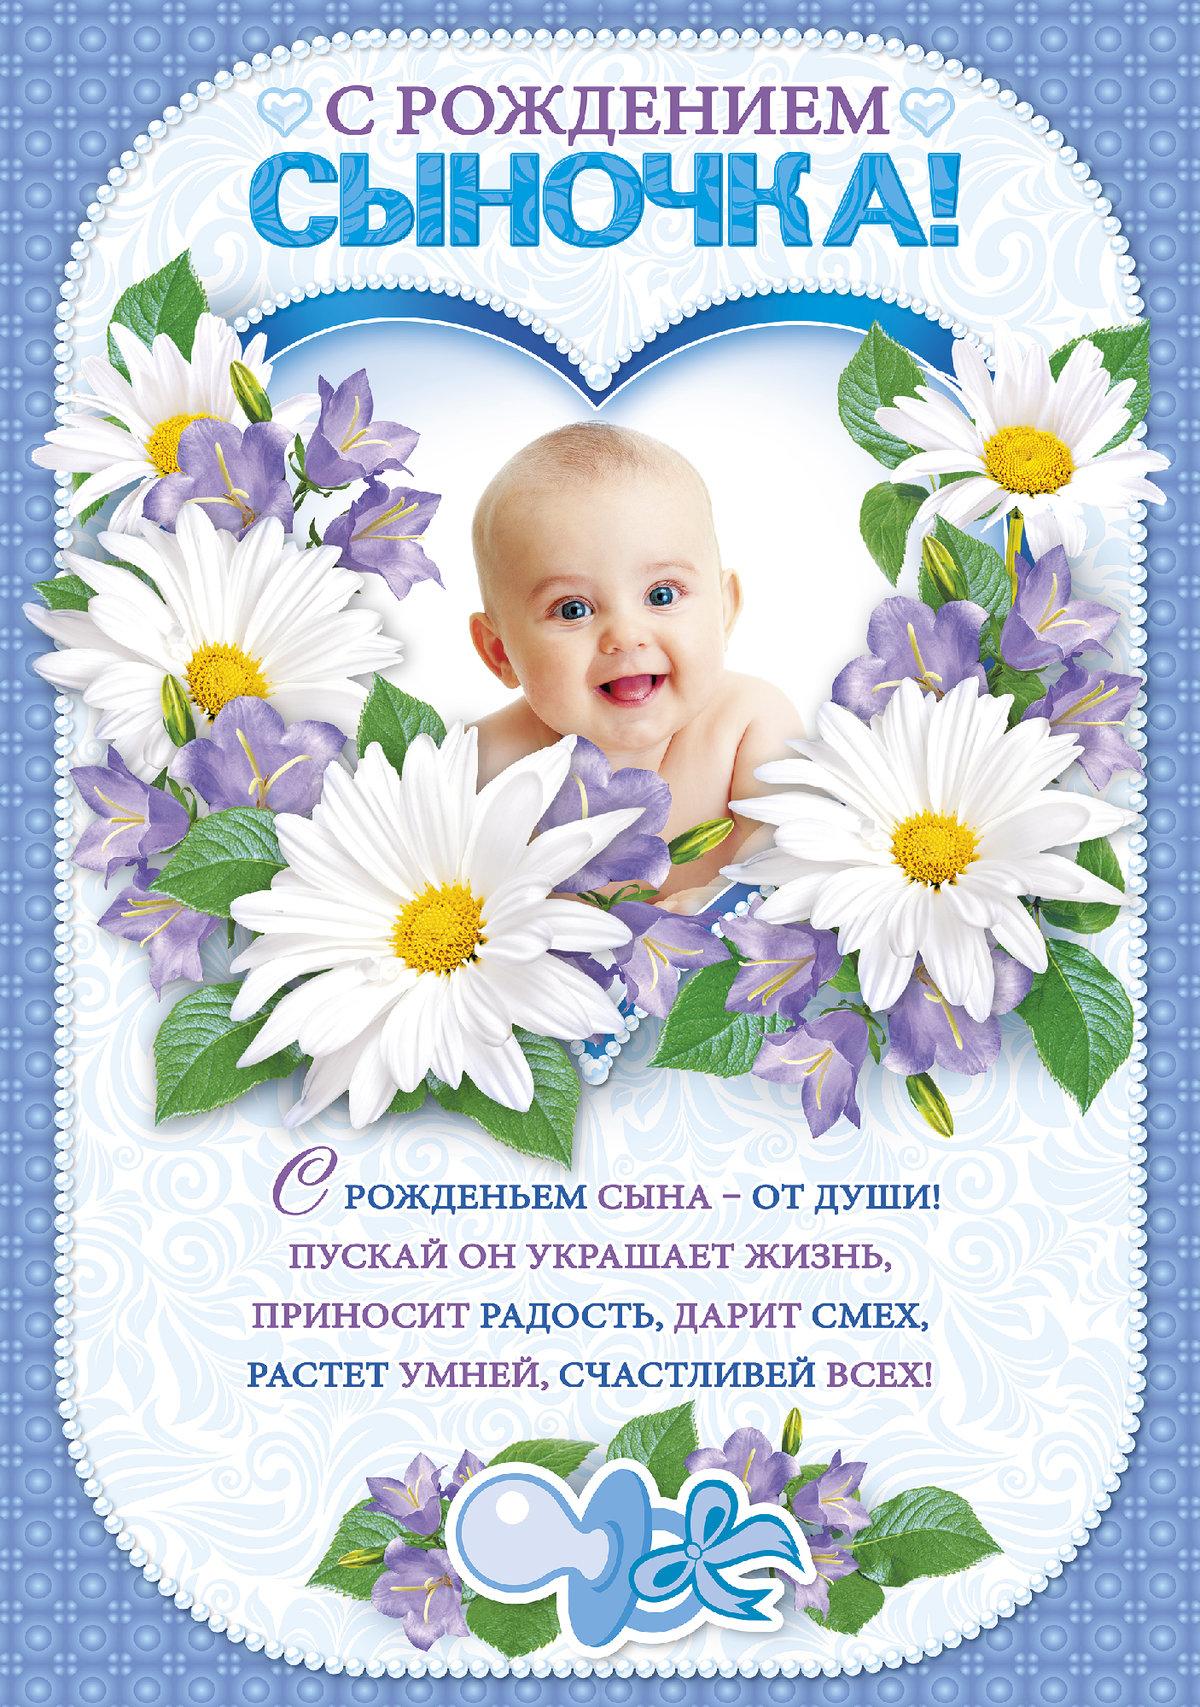 Для открытки, поздравить открыткой сына